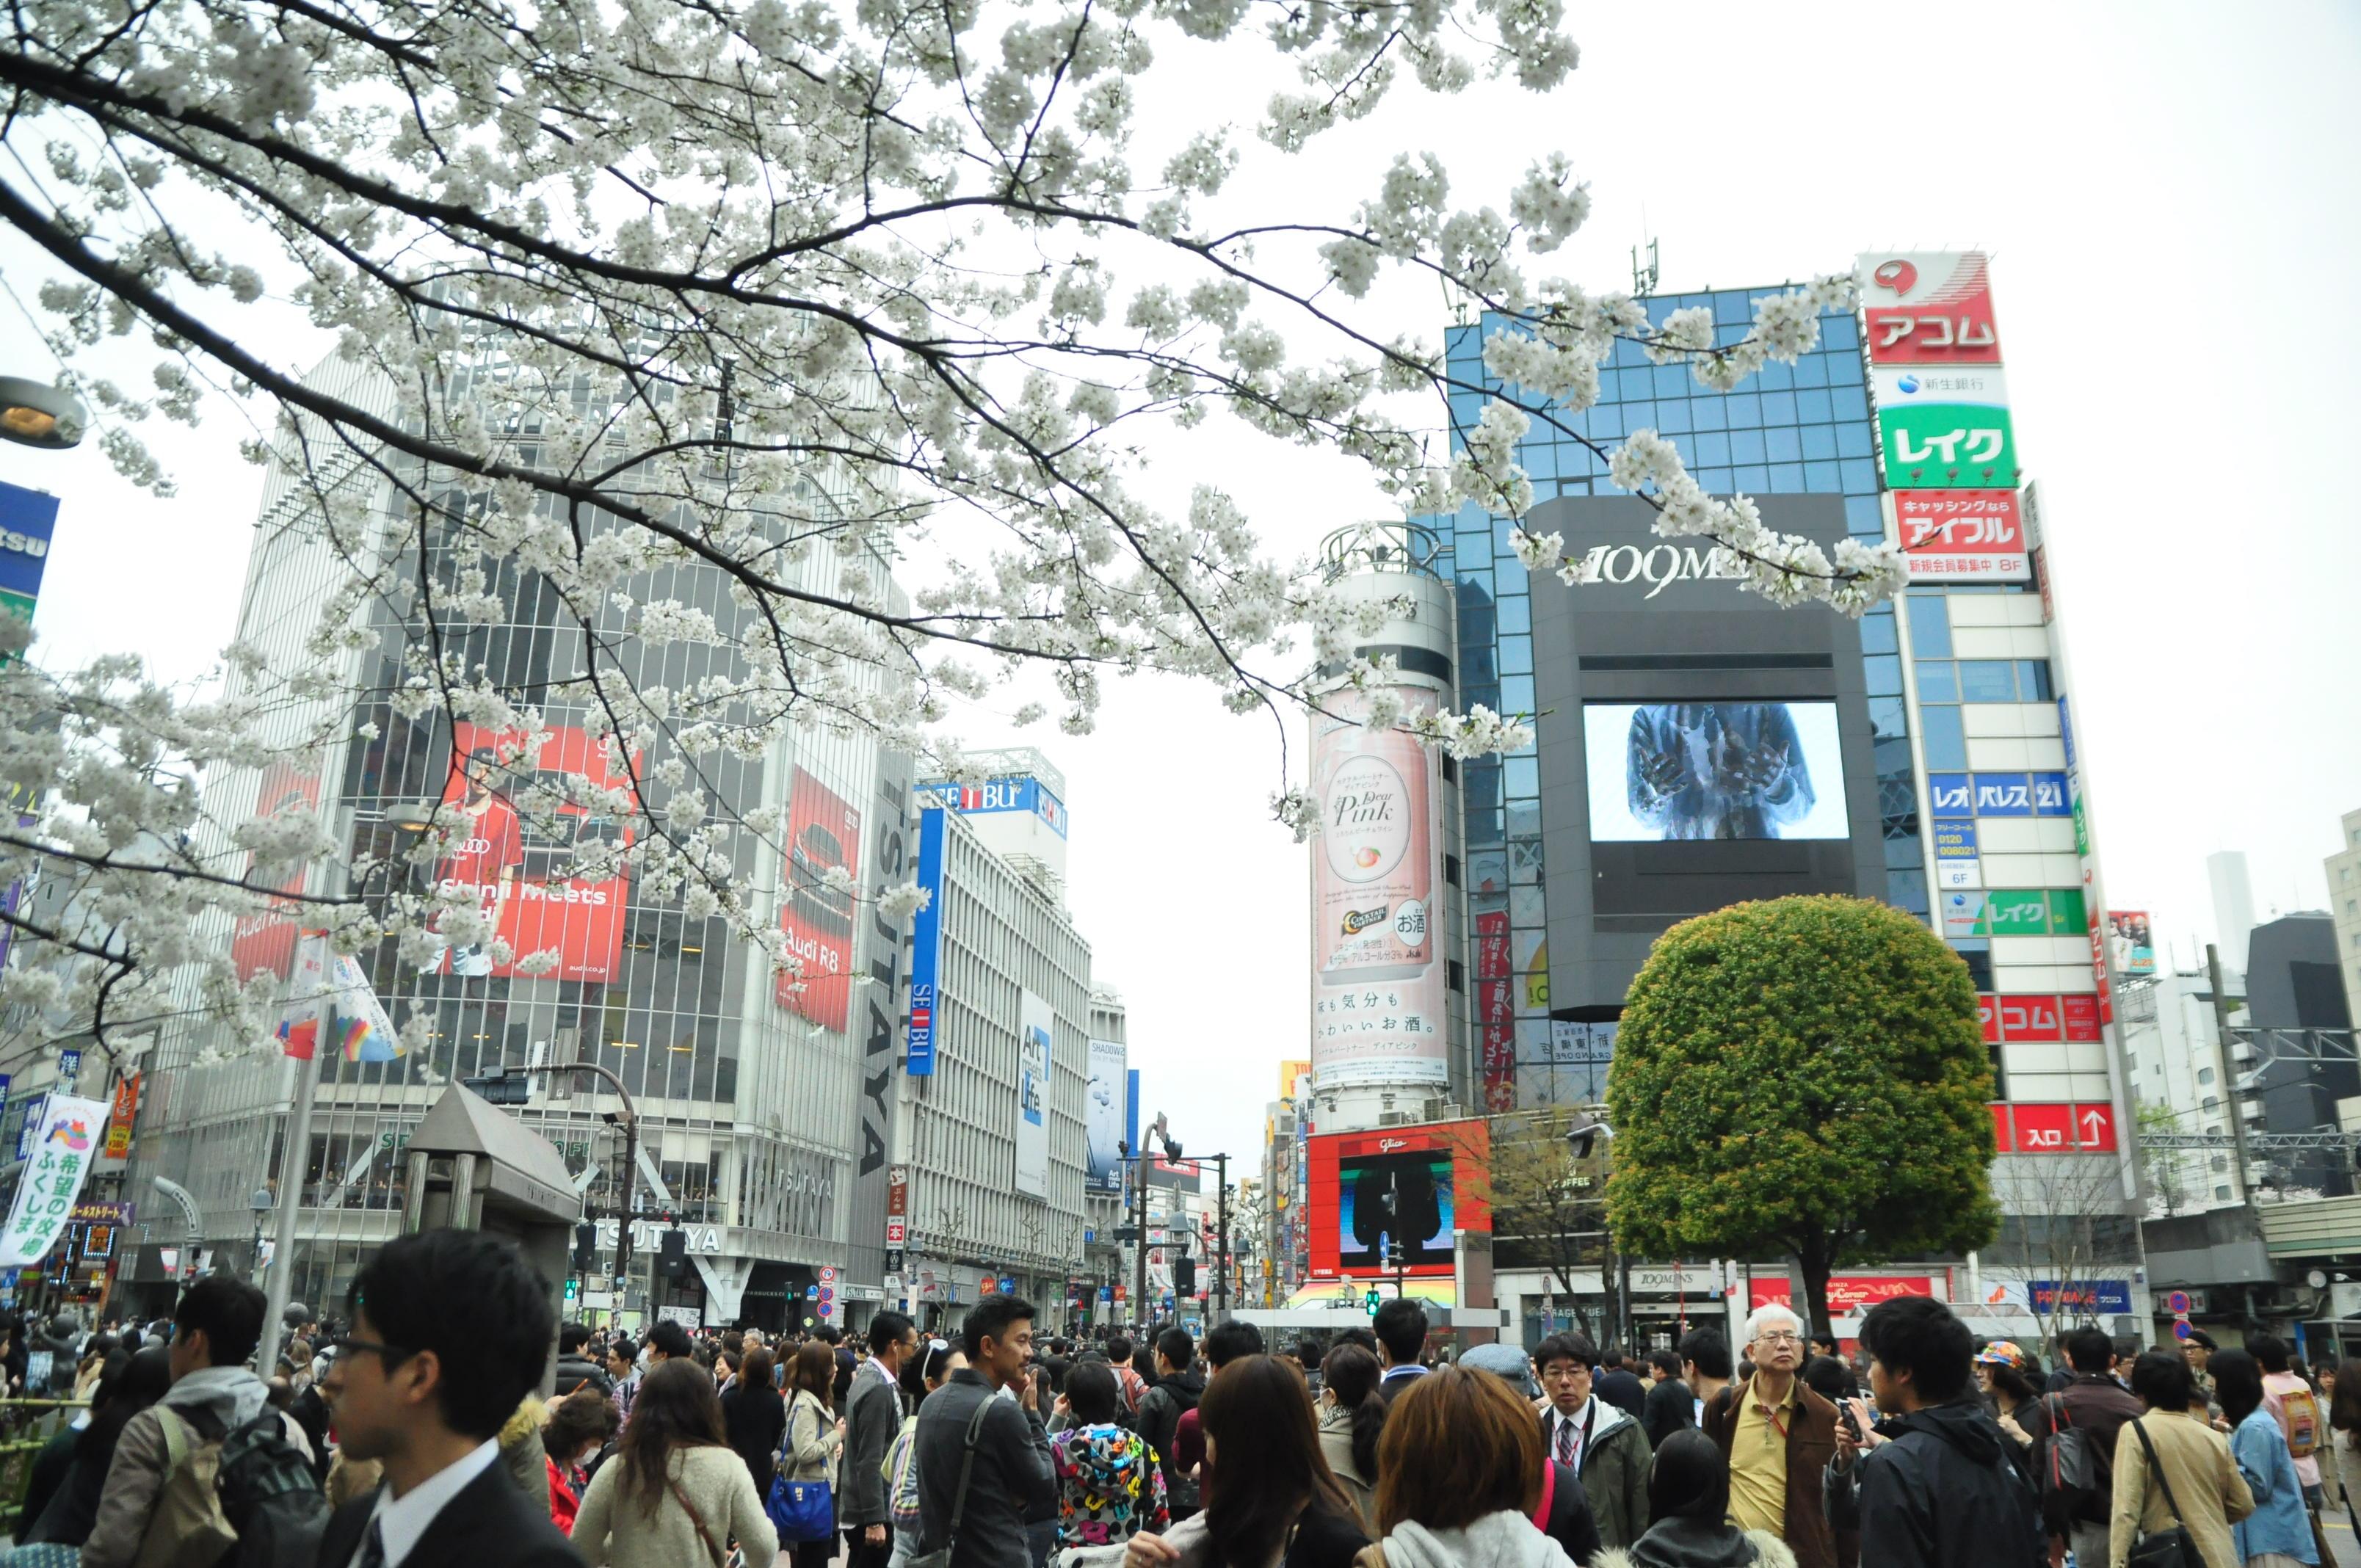 2013.03.23 阿美橫丁-澀谷-竹下通-阿美橫丁 (48).JPG